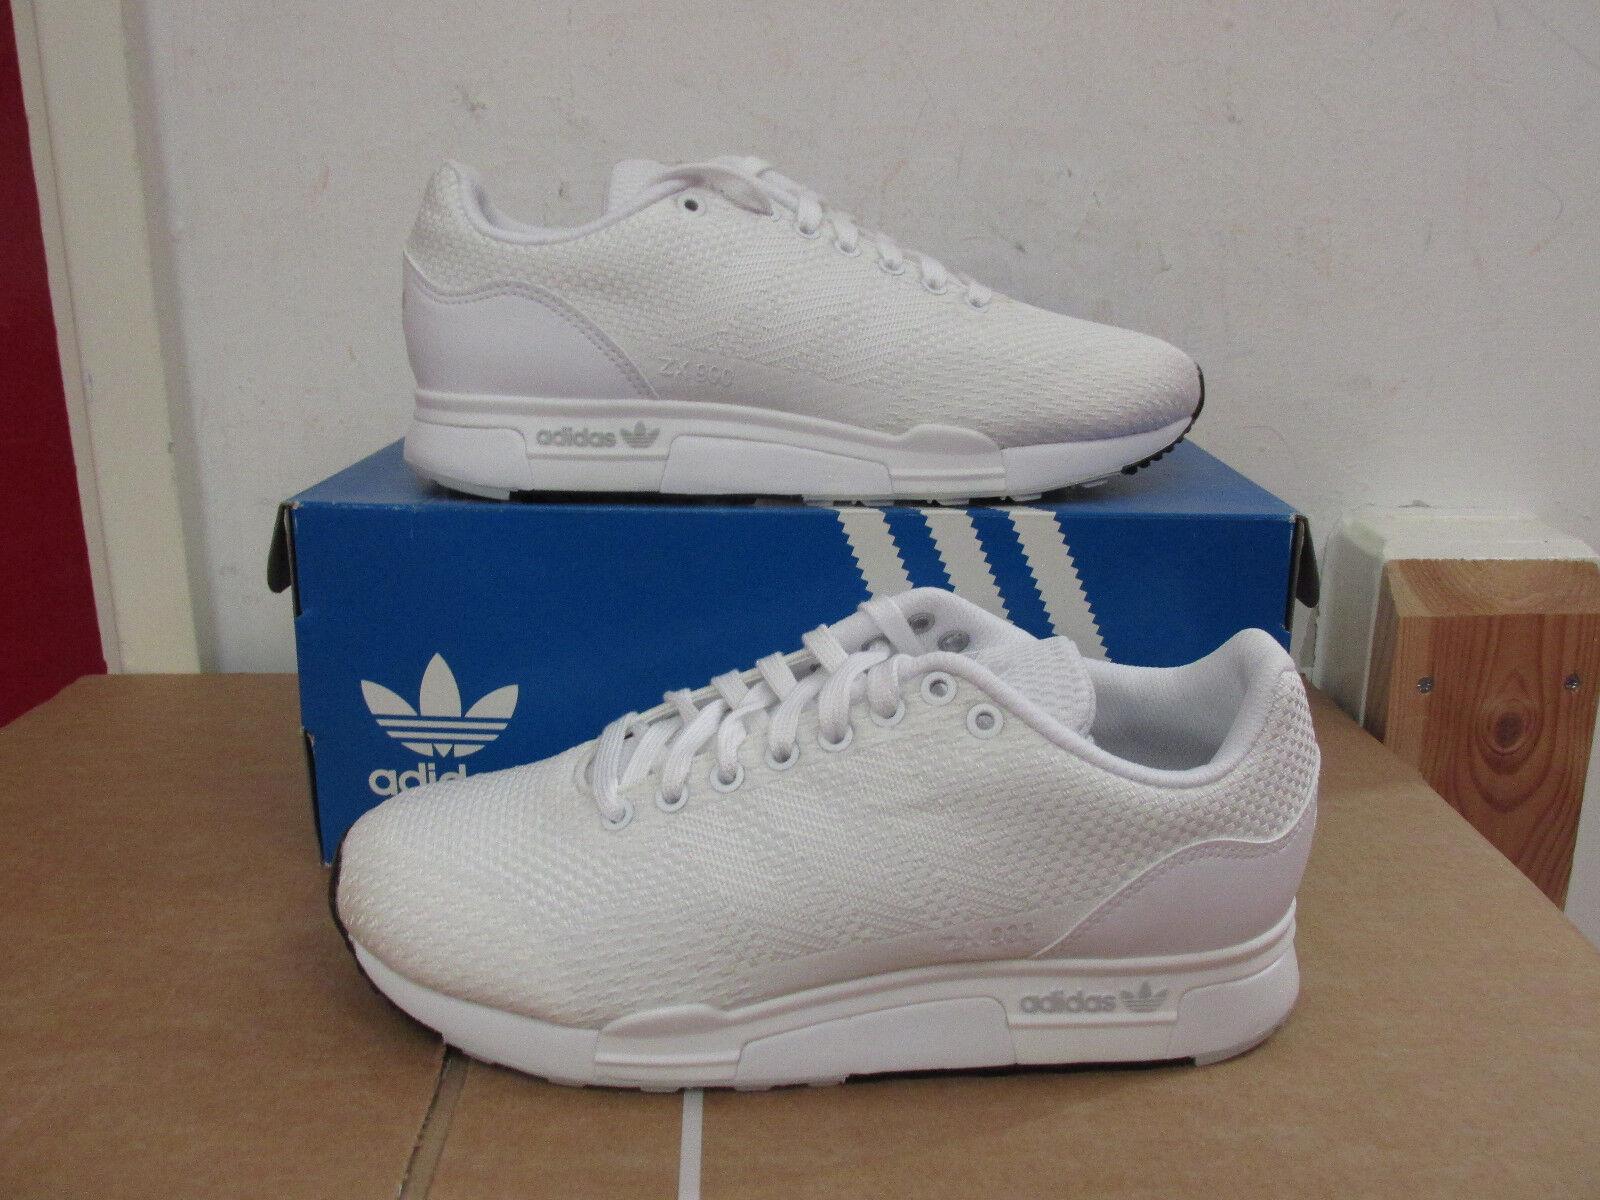 Adidas Originals ZX 900 Weave W Mujer M20375 Zapatillas zapatillas aclaramiento